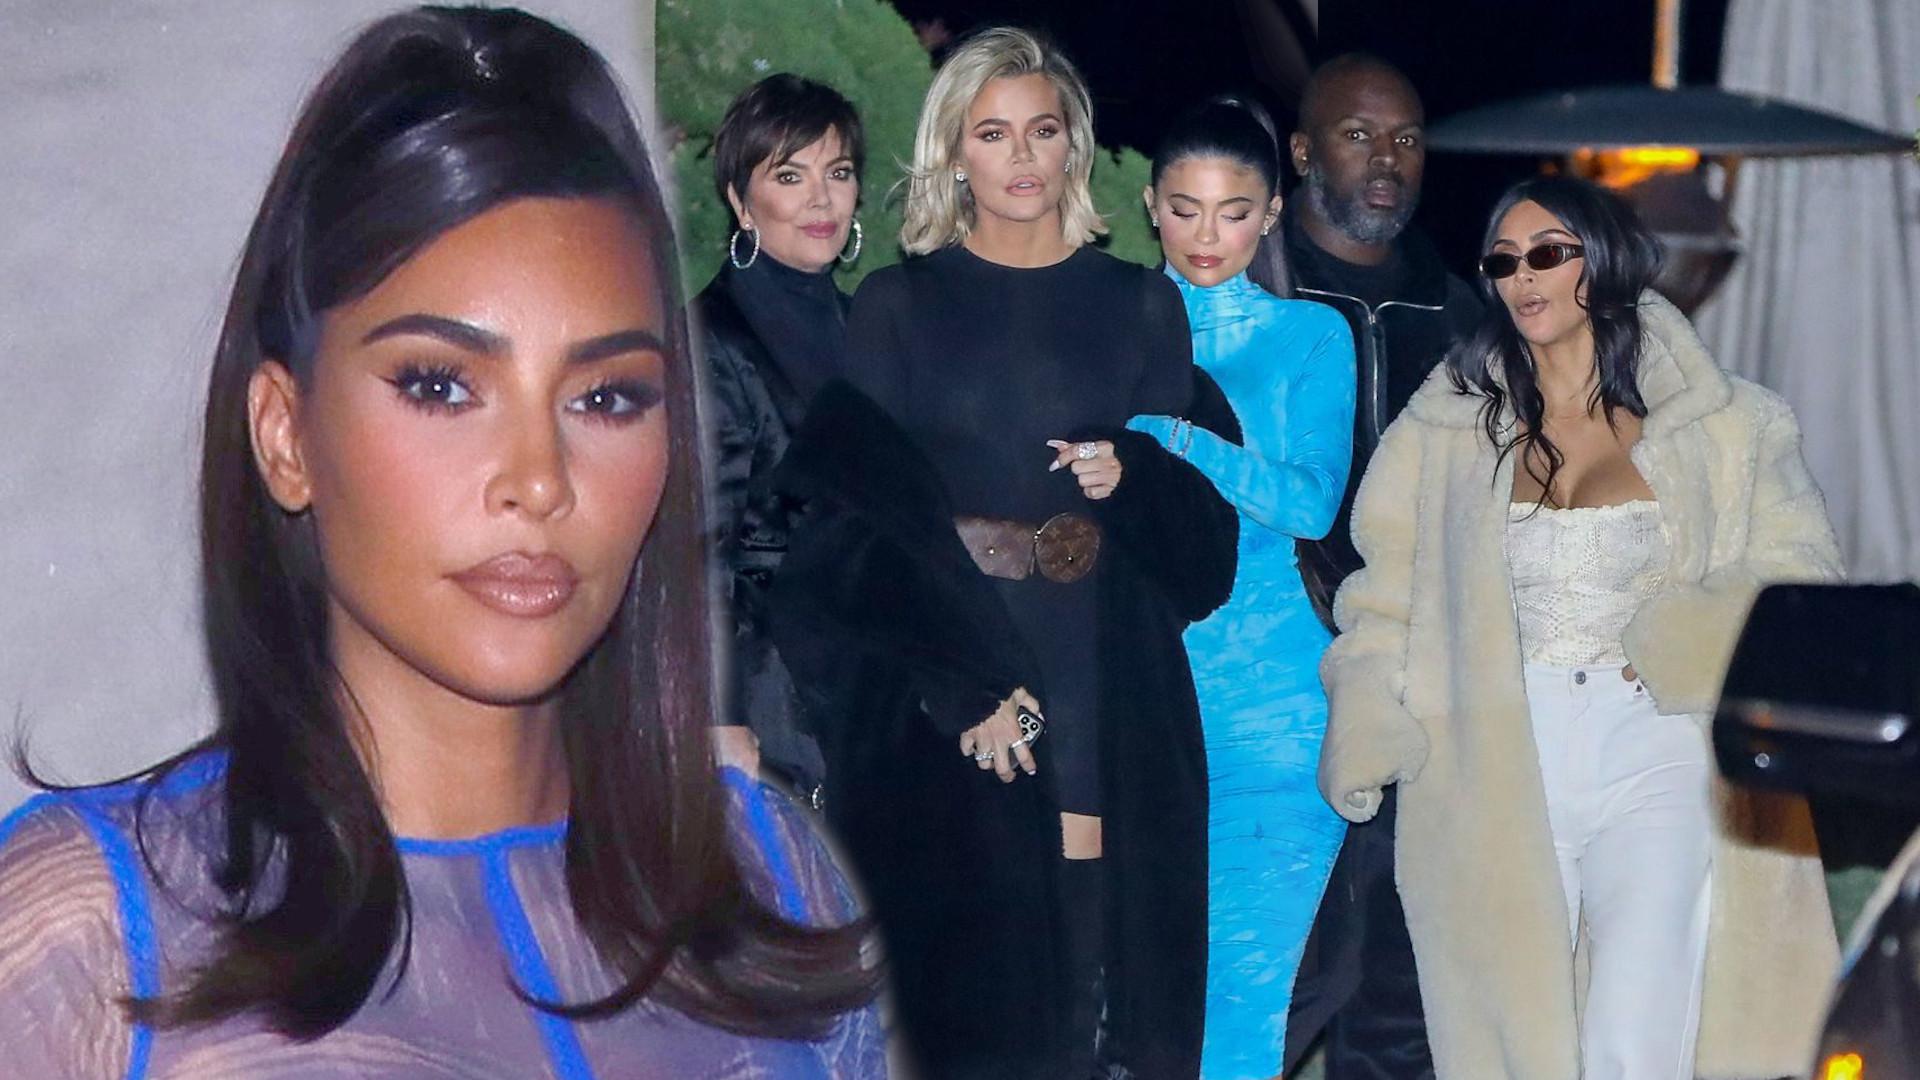 Pokazano w KUWTK moment głośnych tweetów Kanye Westa. Tak Kardashianki pomogły Kim